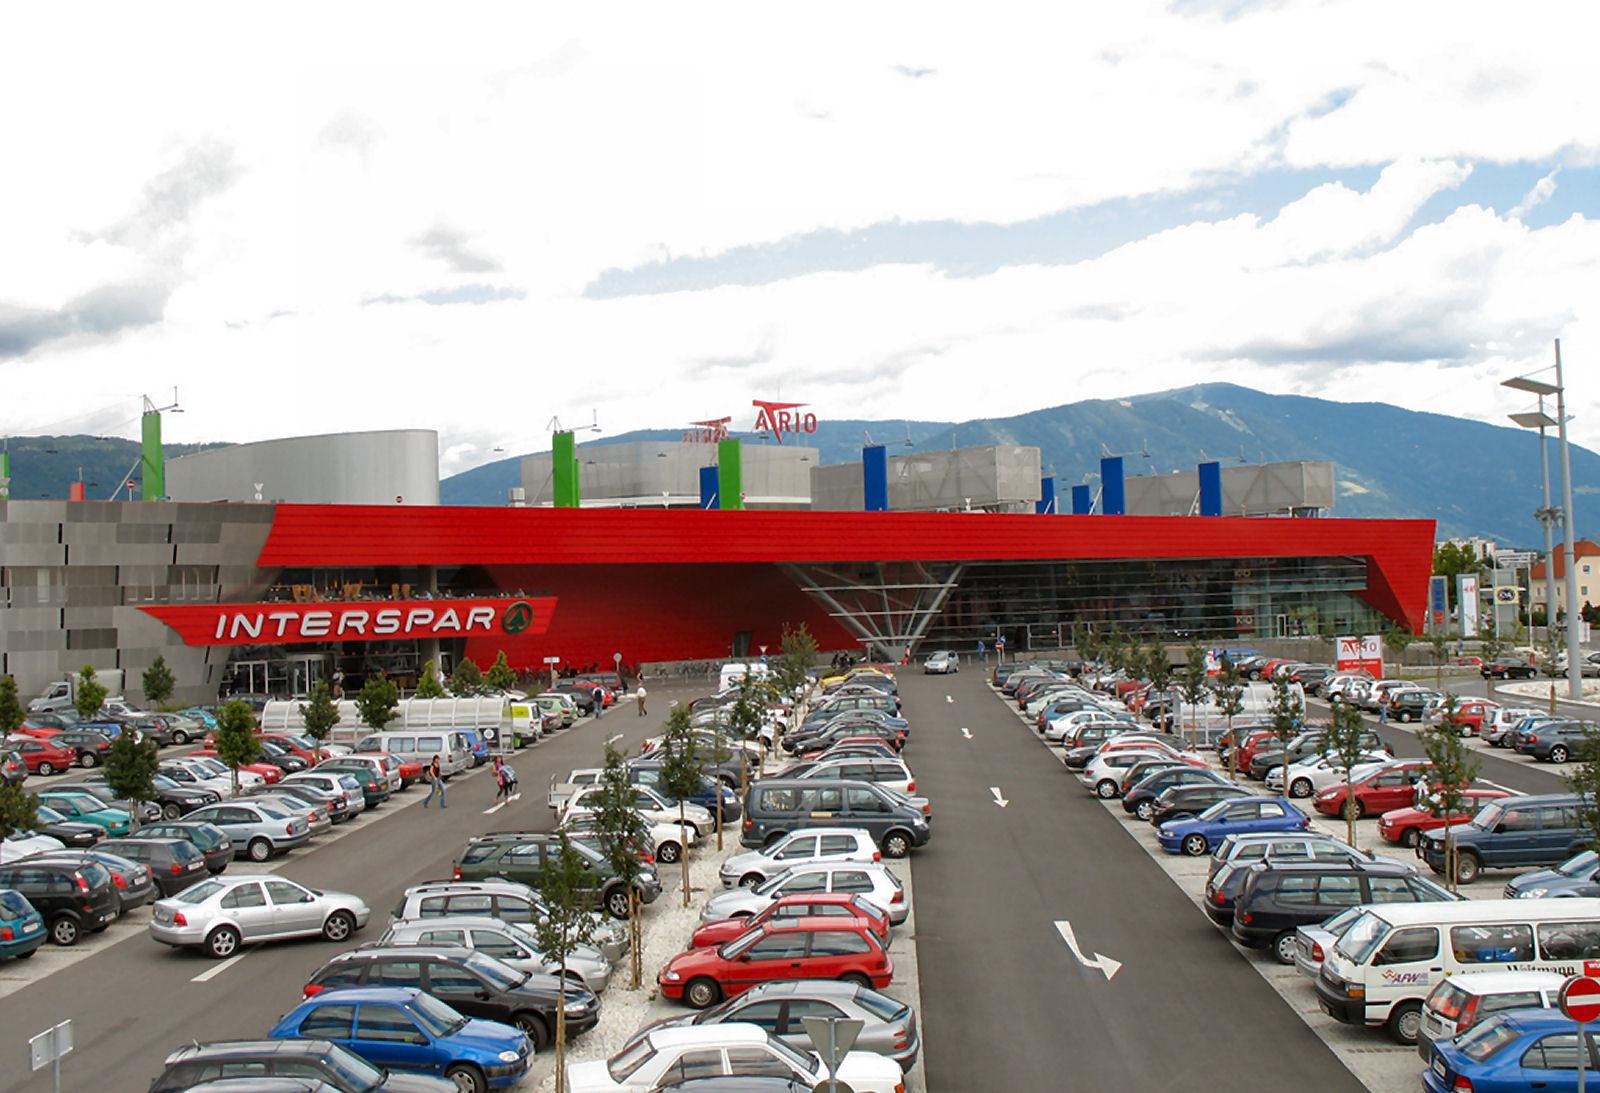 ATRIO Villach shopping centre, Austria